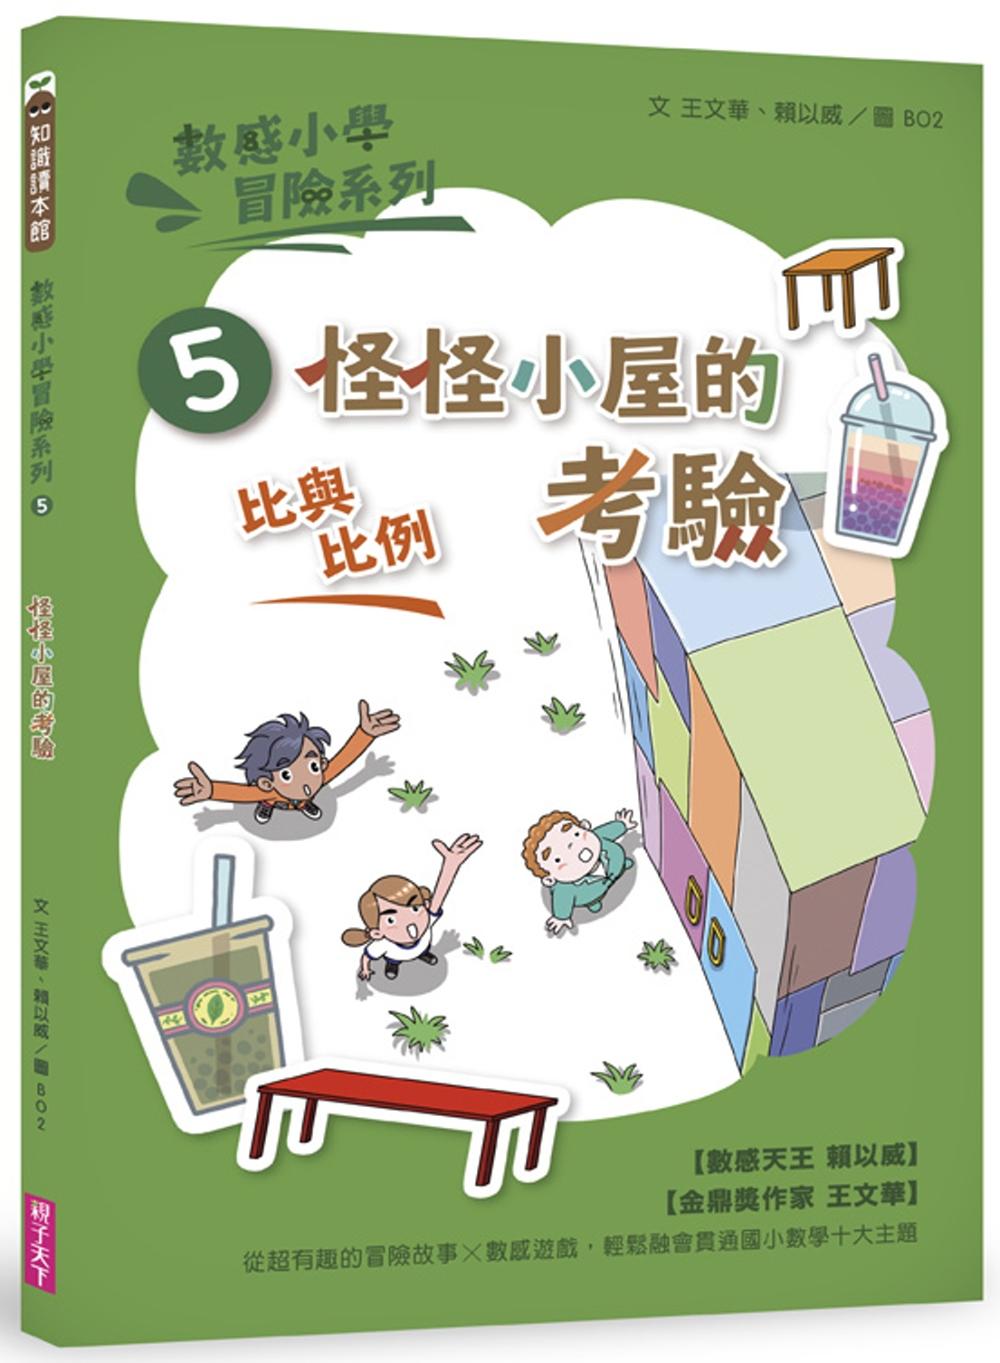 數感小學冒險系列5:怪怪小屋的考驗(符合108課綱跨領域素養,『比與比例』主題)